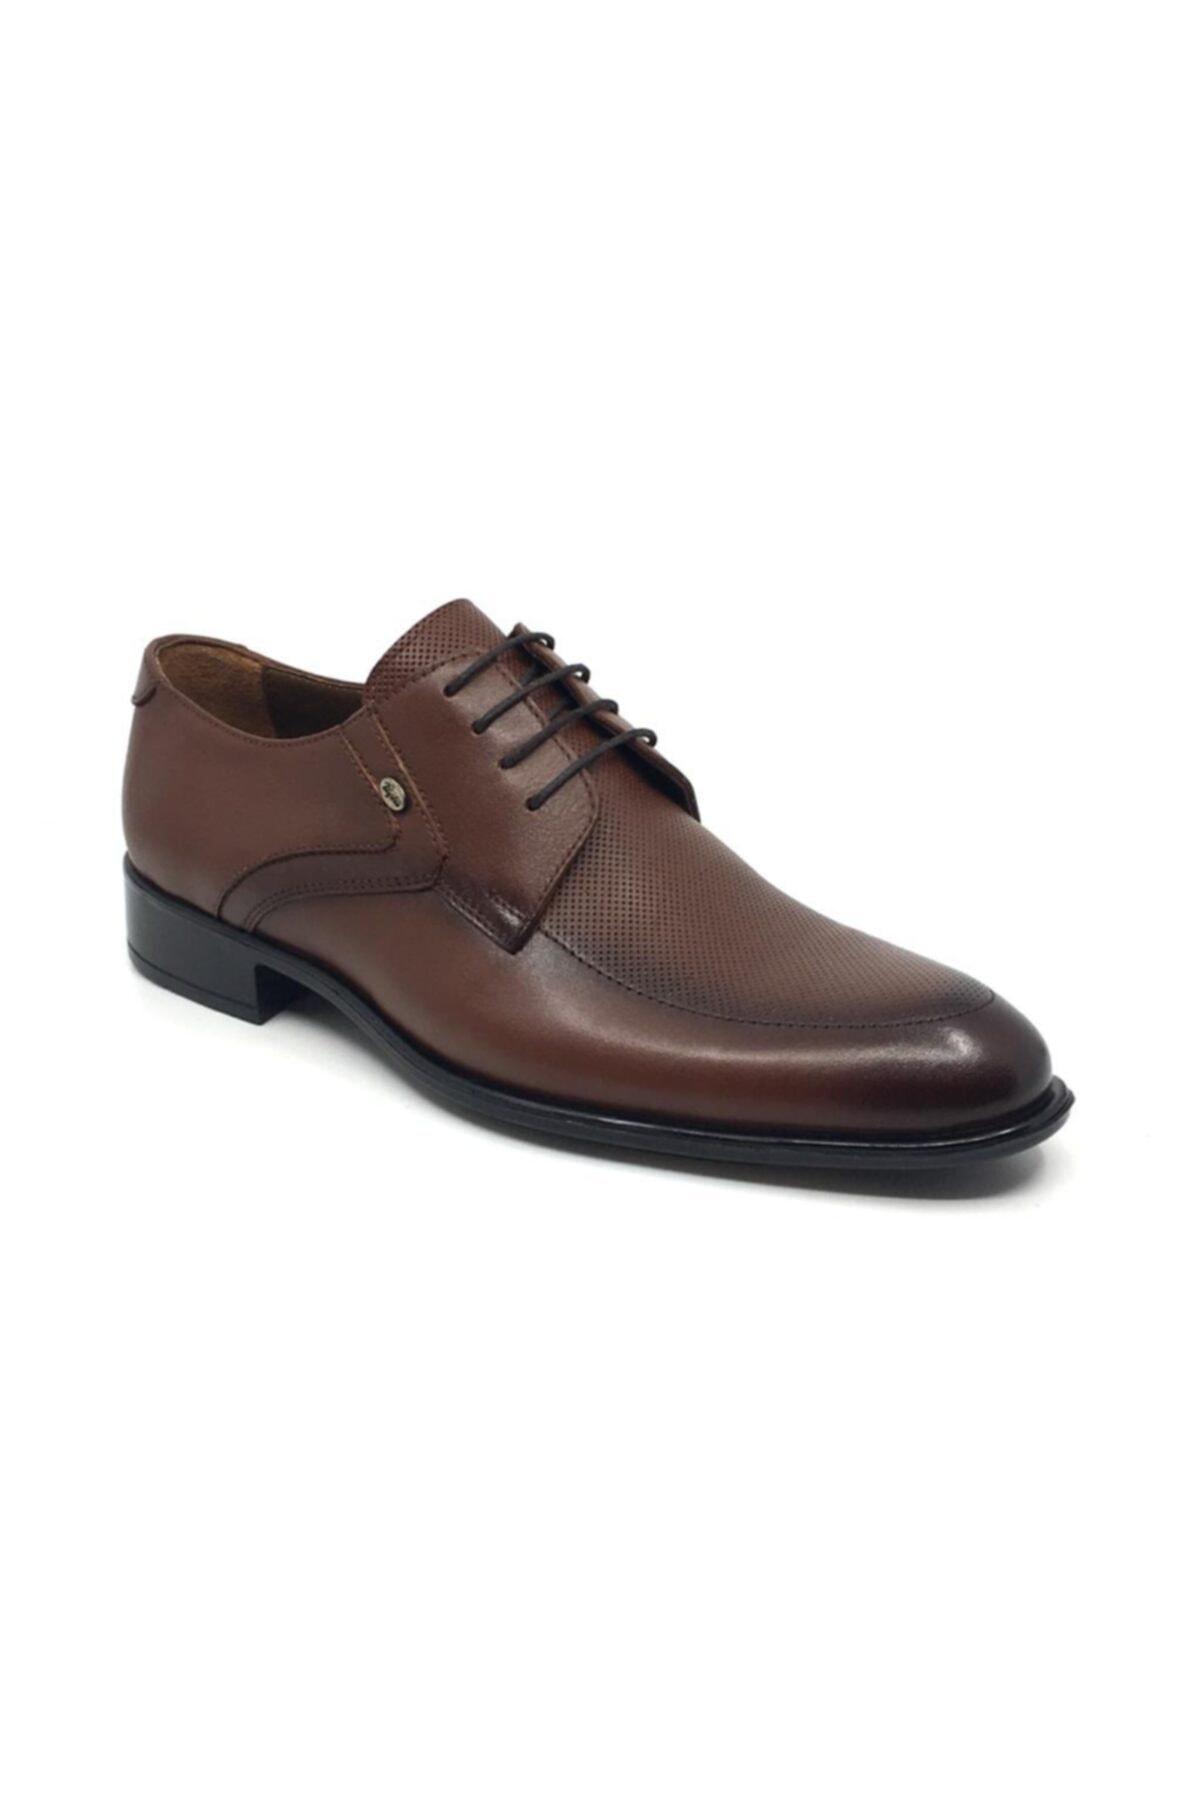 Taşpınar Deri Klasik Günlük Ayakkabı 1